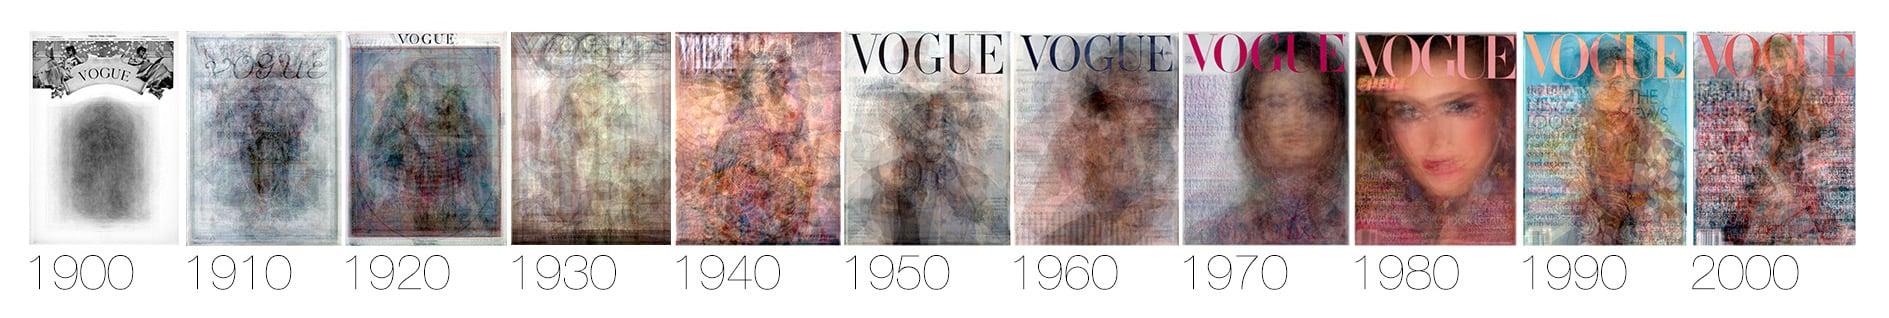 1900-2000.jpg